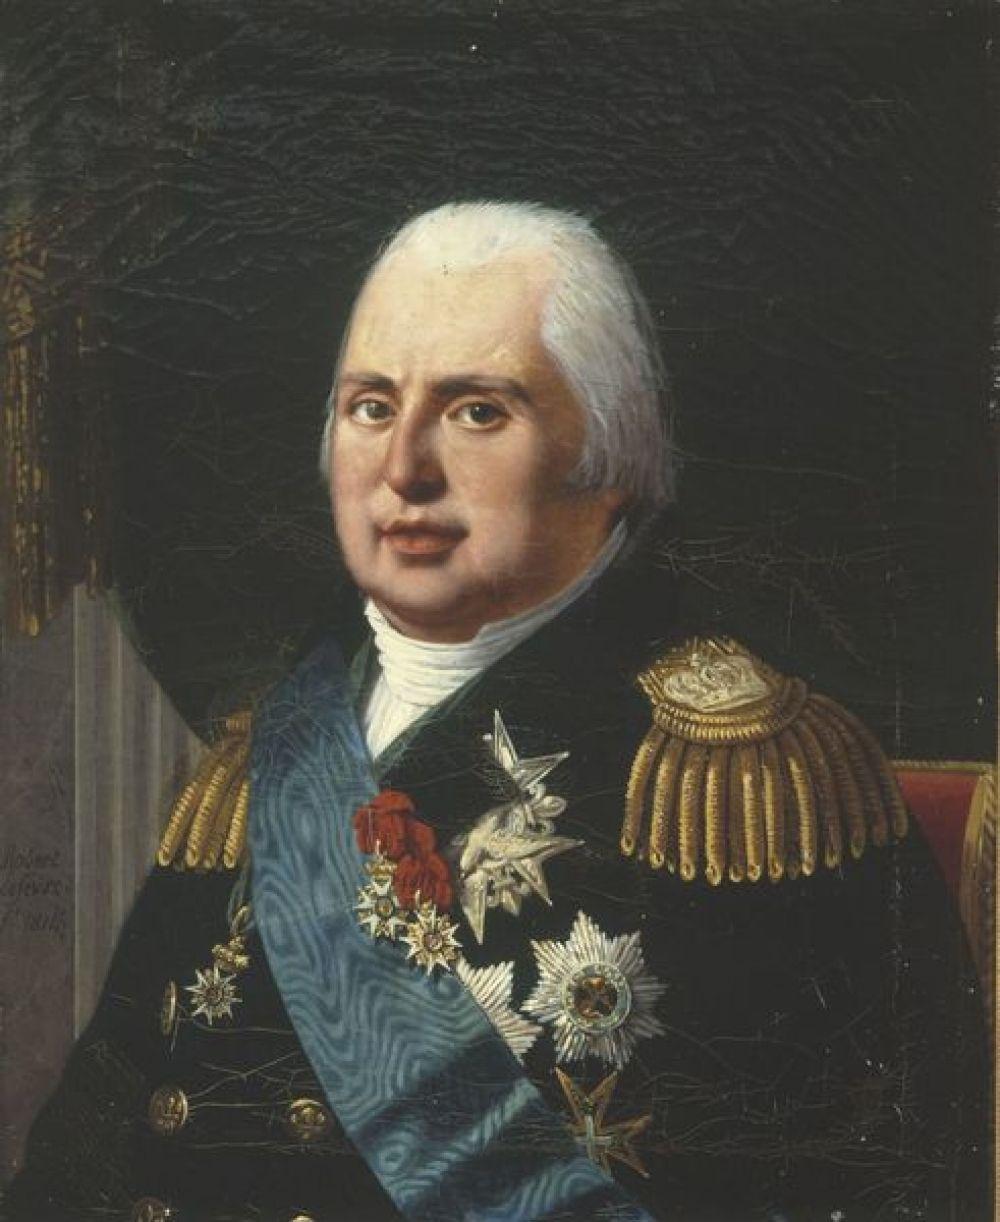 Portrait de Louis XVIII | by Robert Lefevre Musée ...